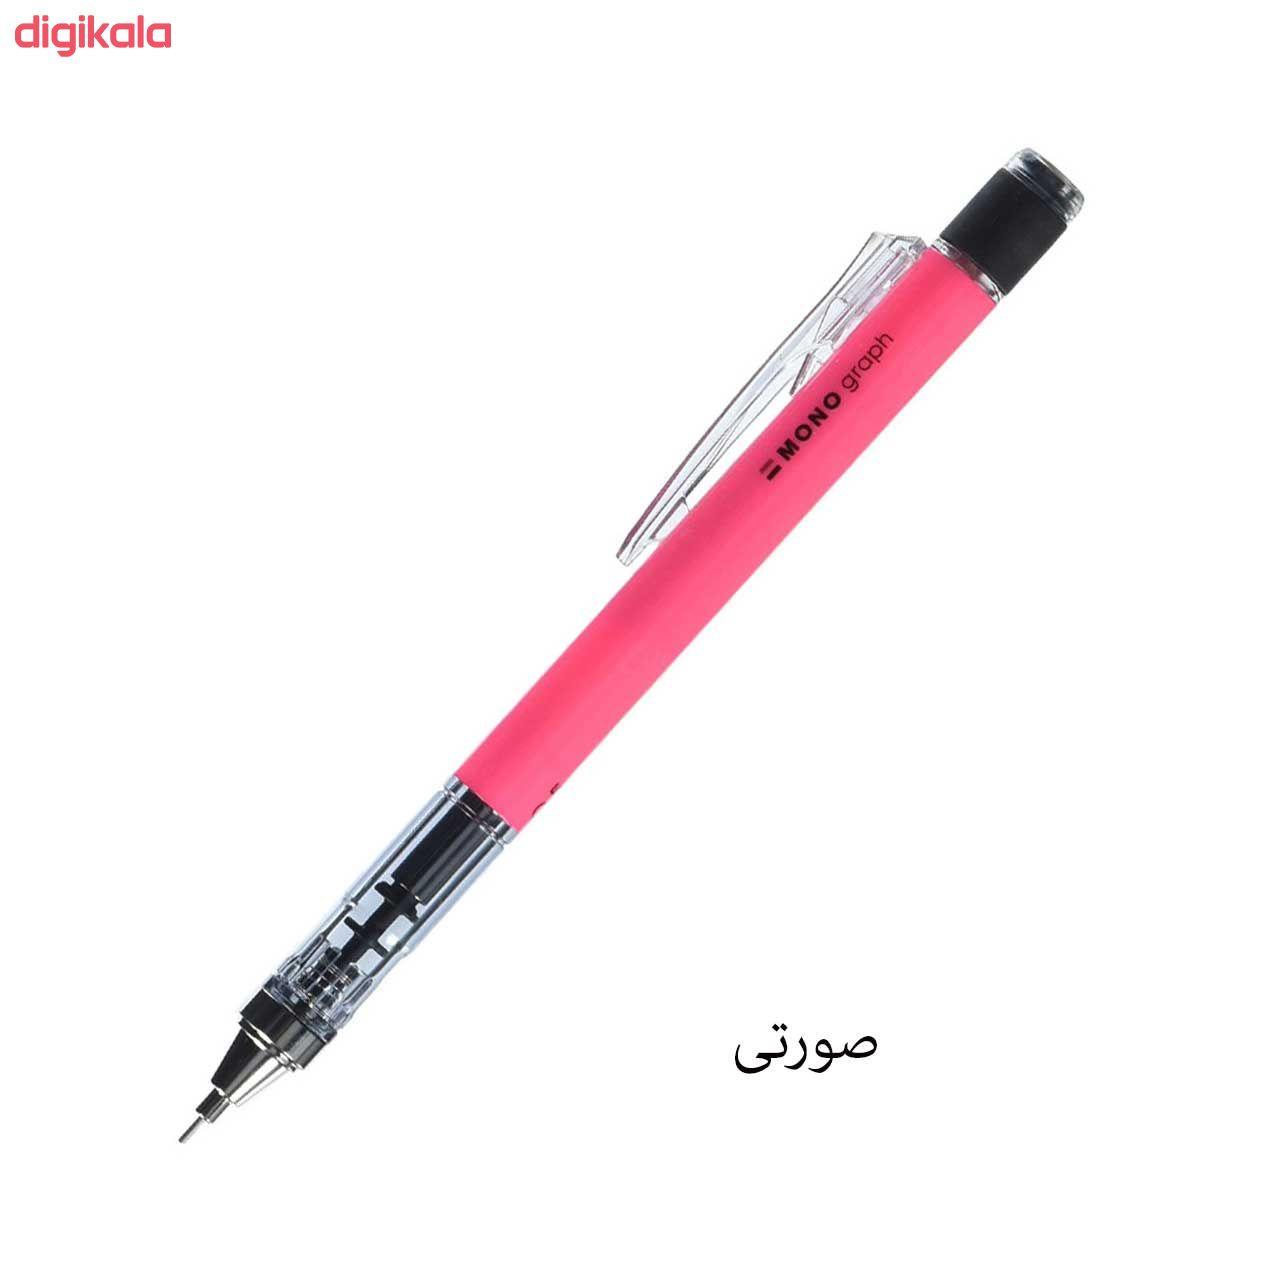 مداد نوکی 0.5 میلی متری تومبو مدل MONO GRAPPH main 1 1